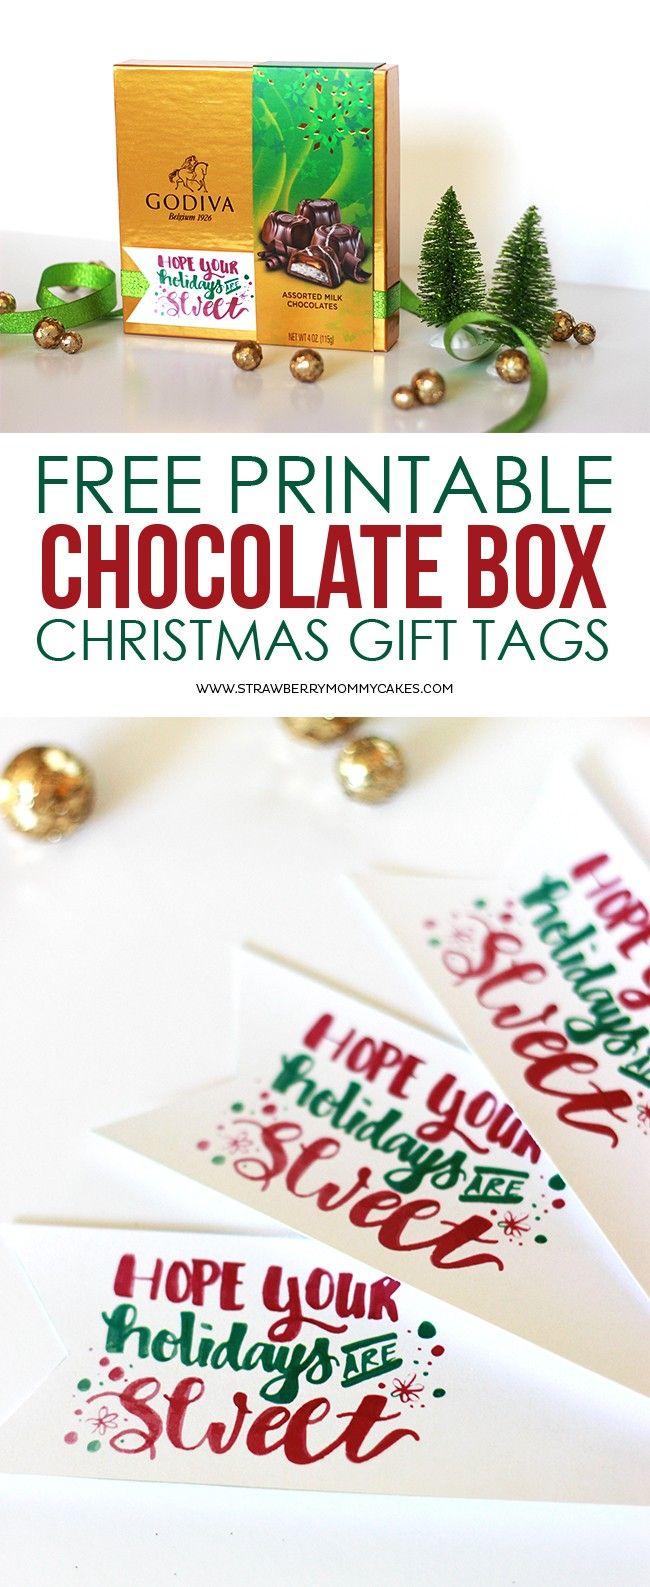 FREE Printable Chocolate Box Gift Tags | PRINTABLES! | Pinterest ...